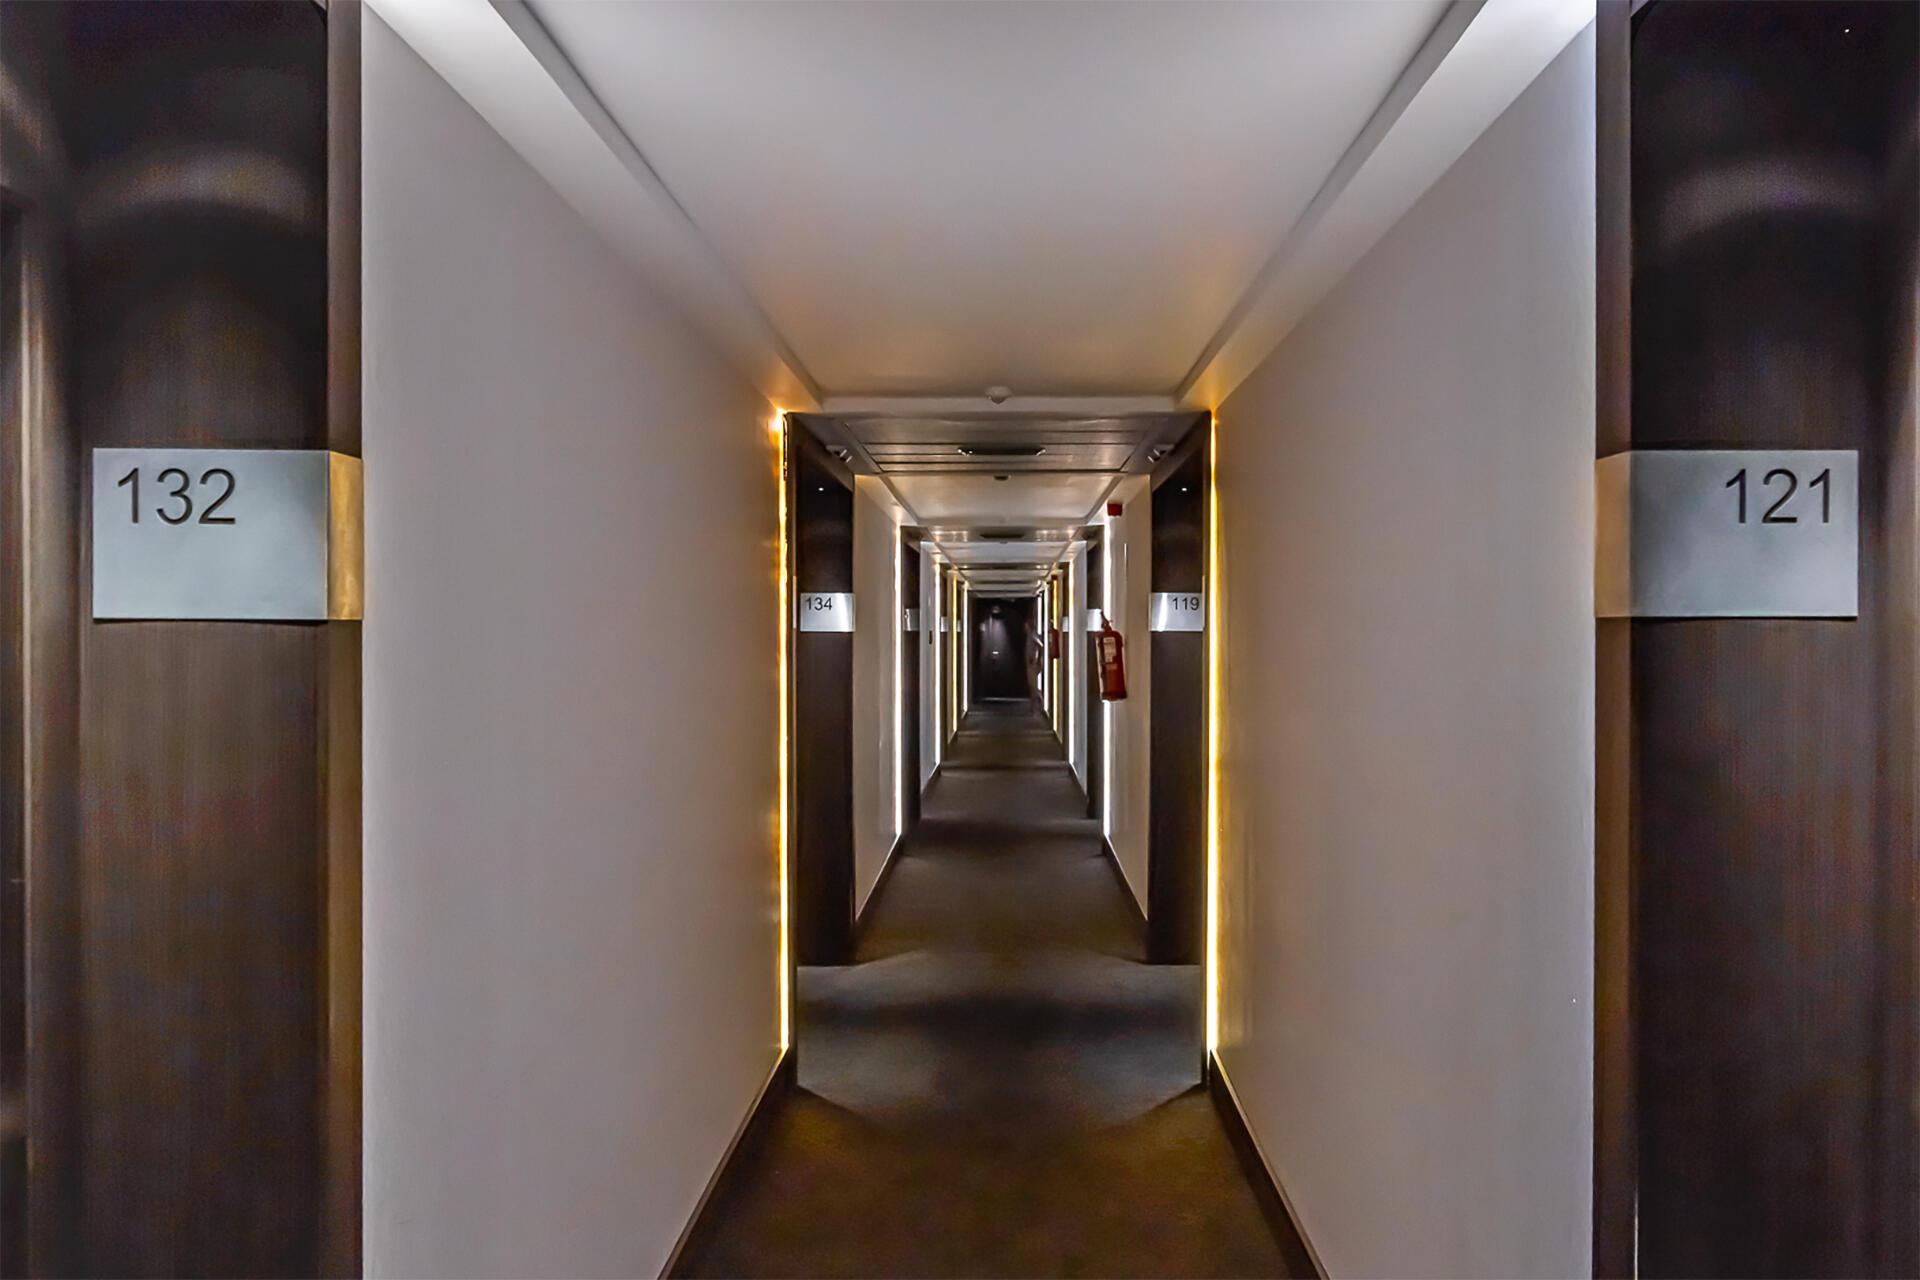 Pasillo del Hotel Amura Alcobendas cerca de Madrid